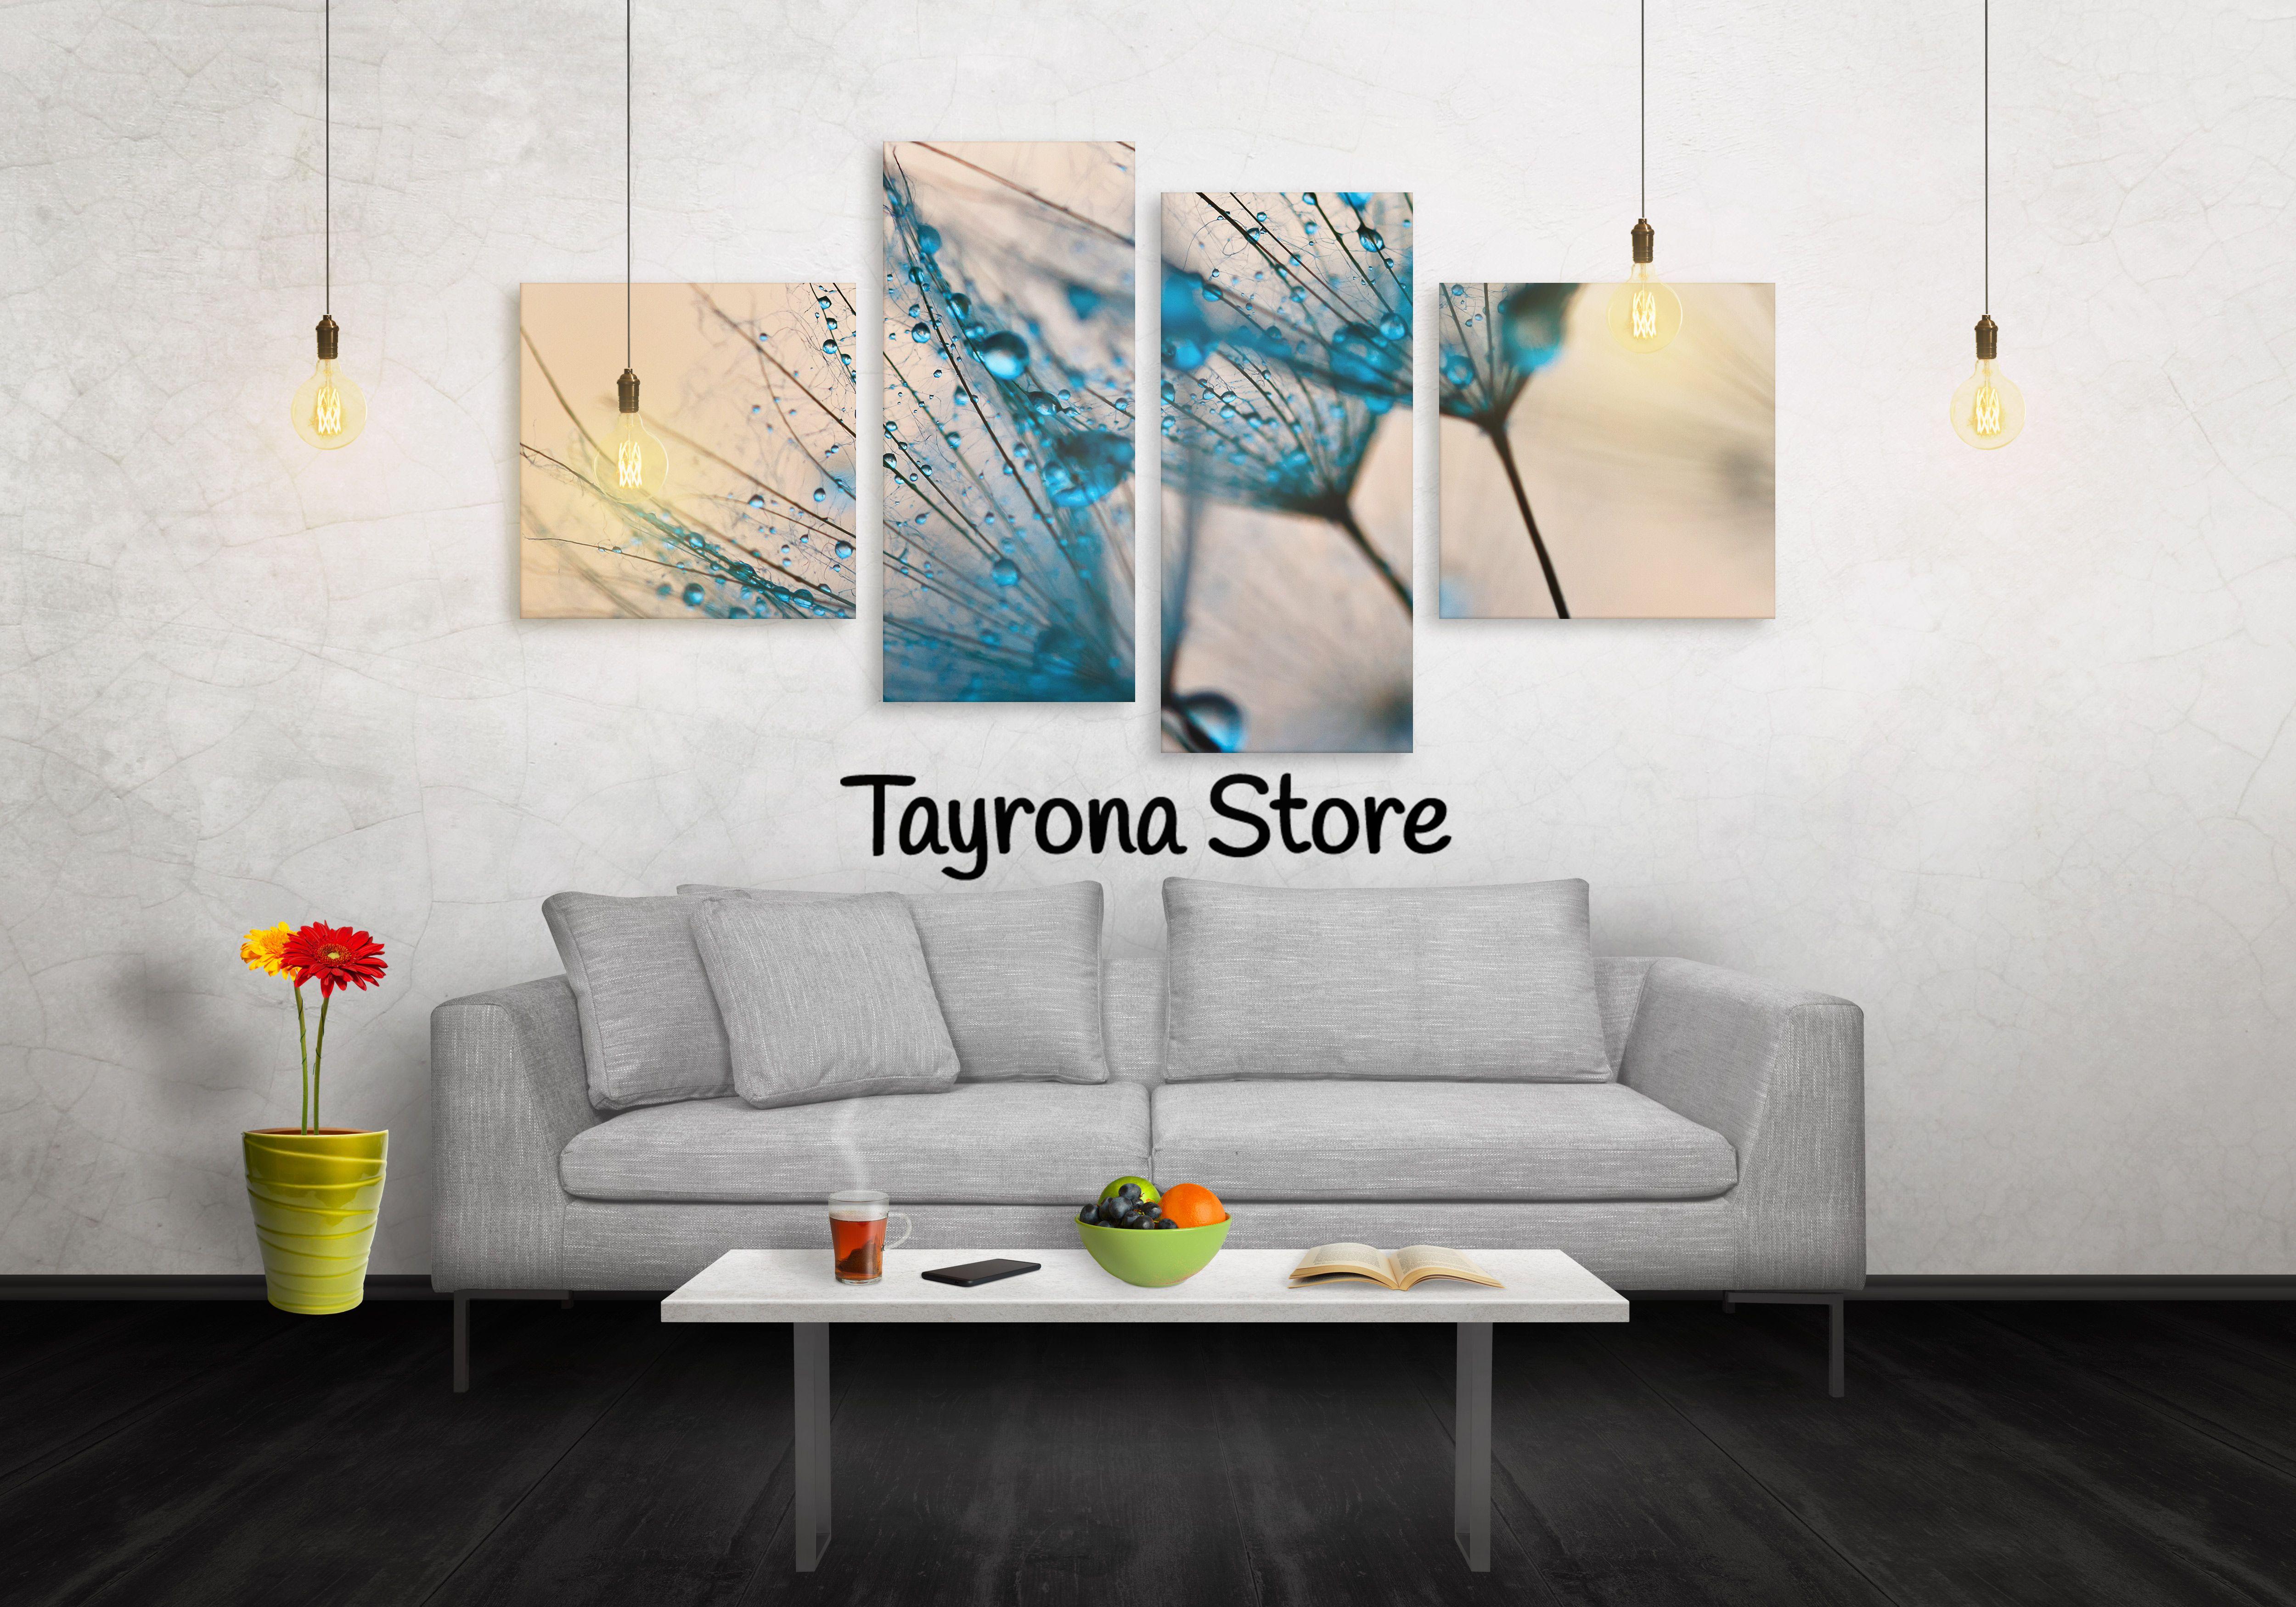 Cuadros Decorativos Flores-122 #tayronastore,#cuadros #decorativos ...